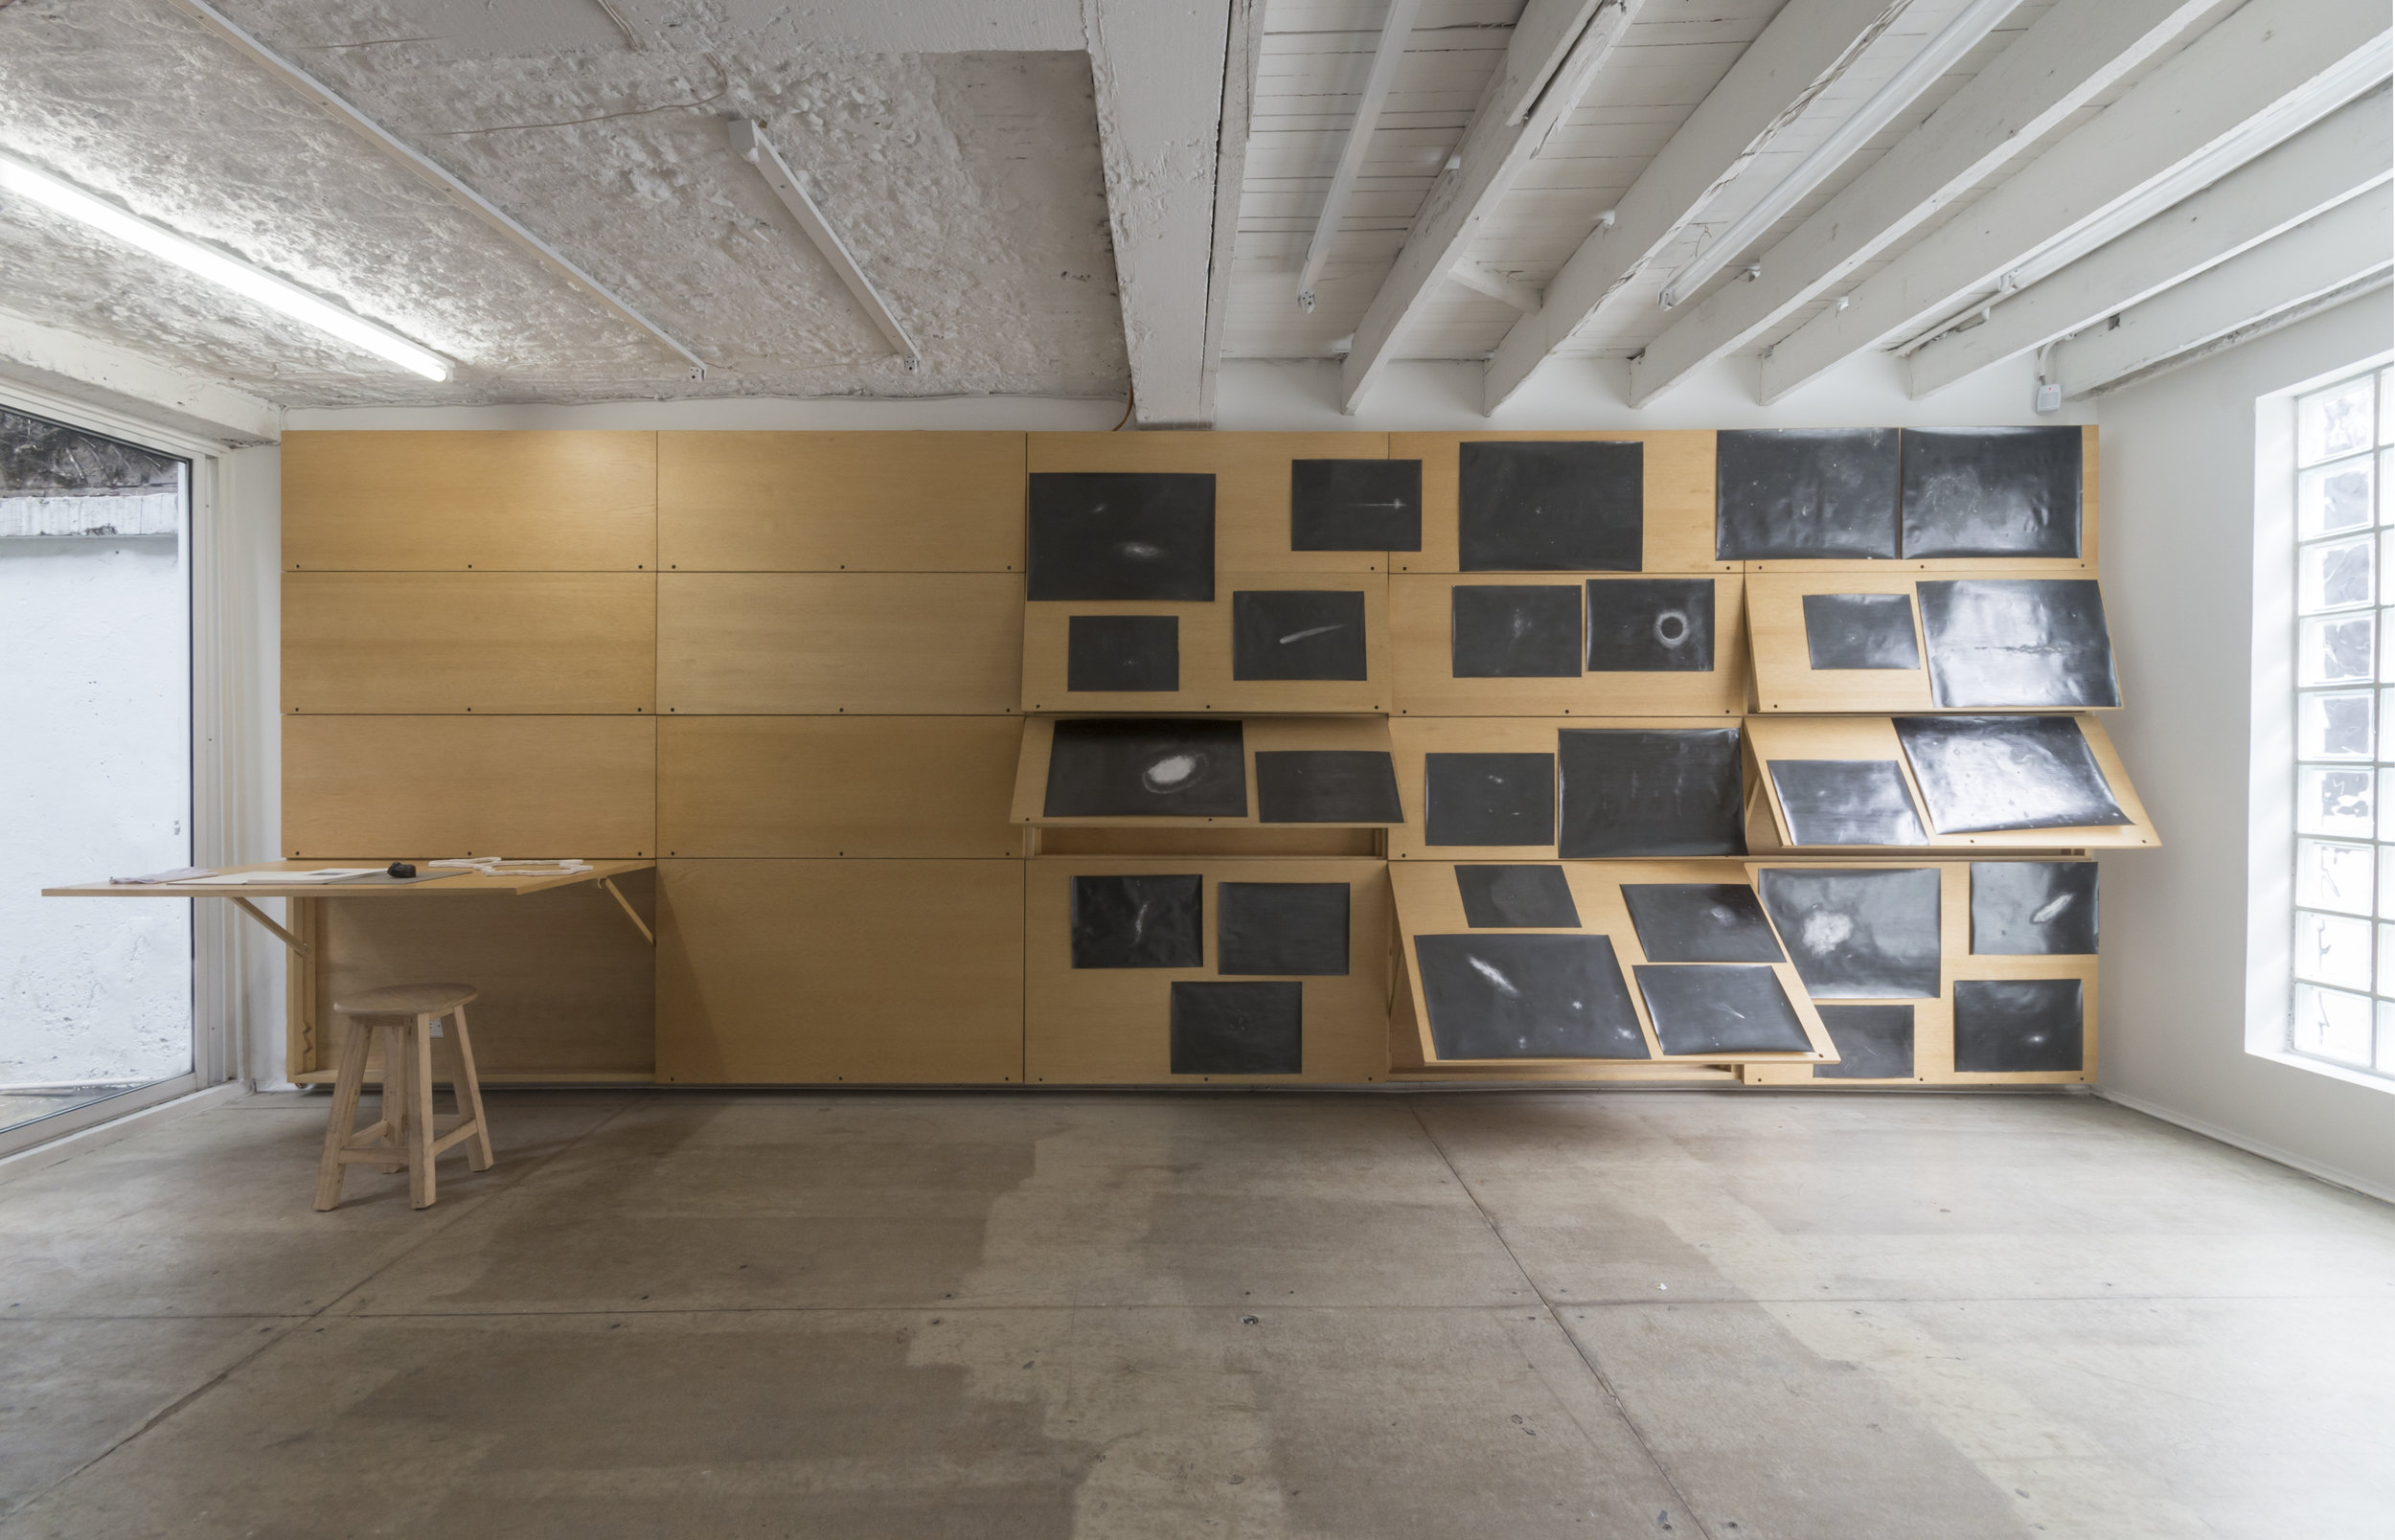 """CONLA PUNTA DEL DEDO, 2015  Exhibición individual, vista de sala de primer piso.  """"Las visiones de Caroline Herschel""""   Grafito sobre papel   15 de 59,4 x 42 cm ; 18 de 29,7 x 42 cm ; 5 de 25 x 35 cm   2015"""